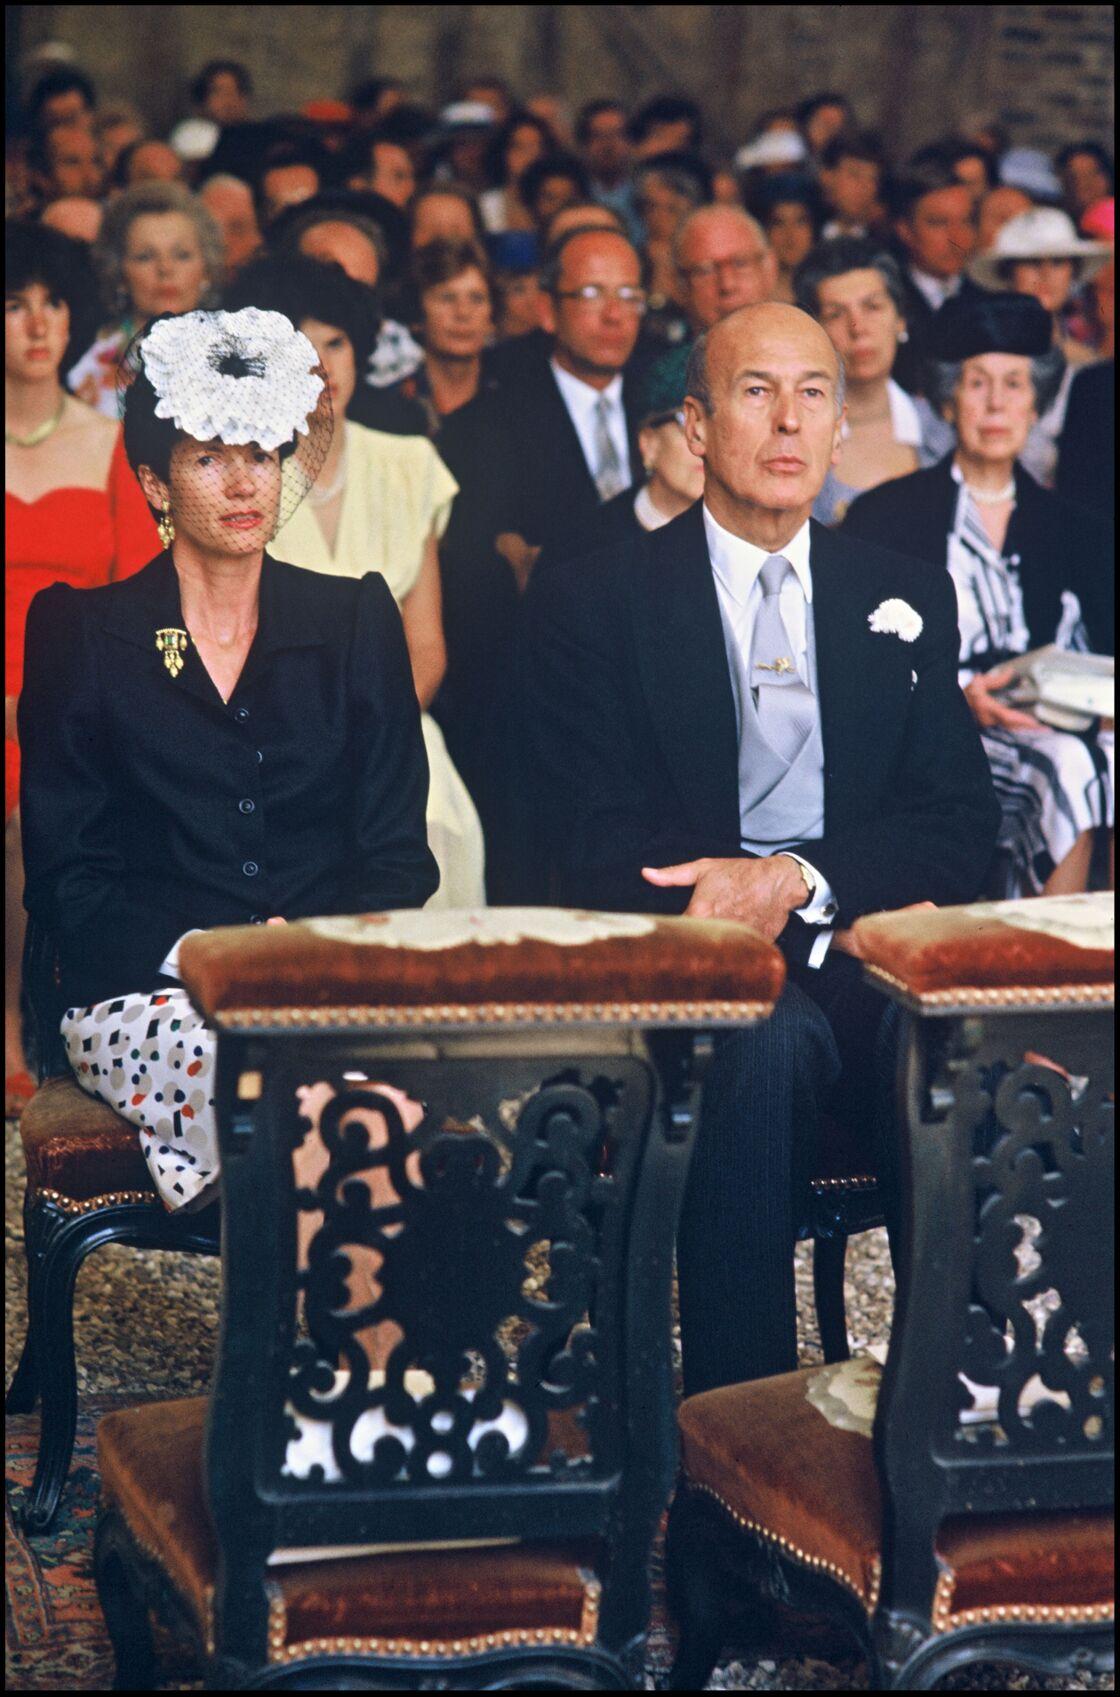 En public, Anne-Aymone Giscard d'Estaing a tenté de faire bonne figure, malgré les incartades de son époux.